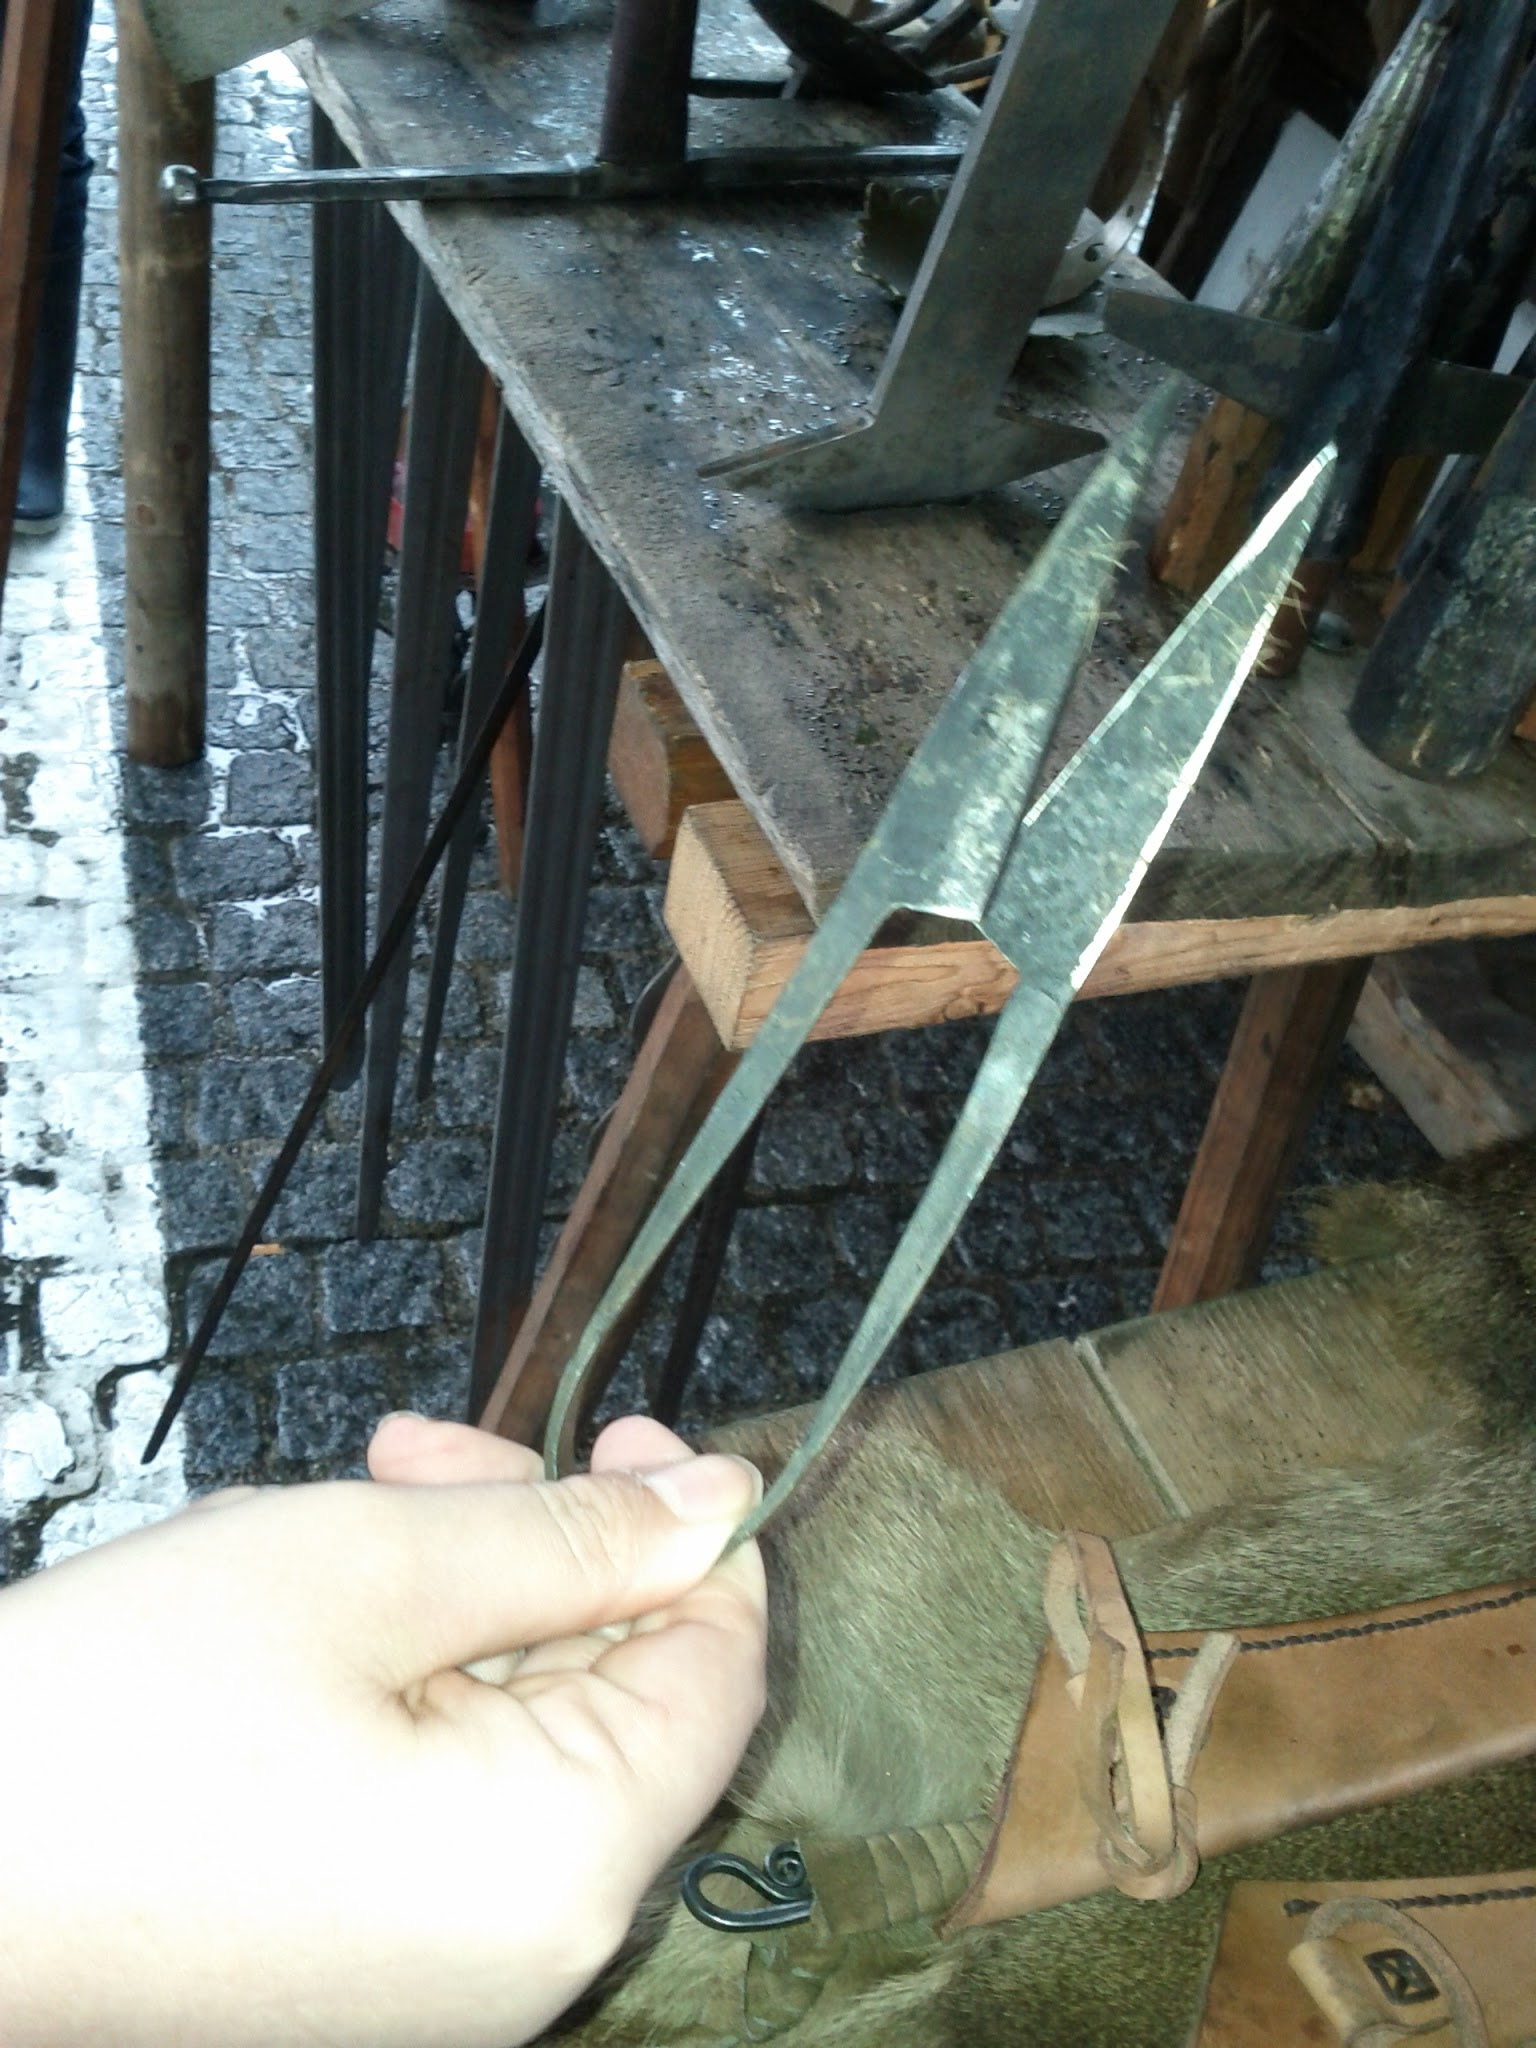 Mediaeval scissors